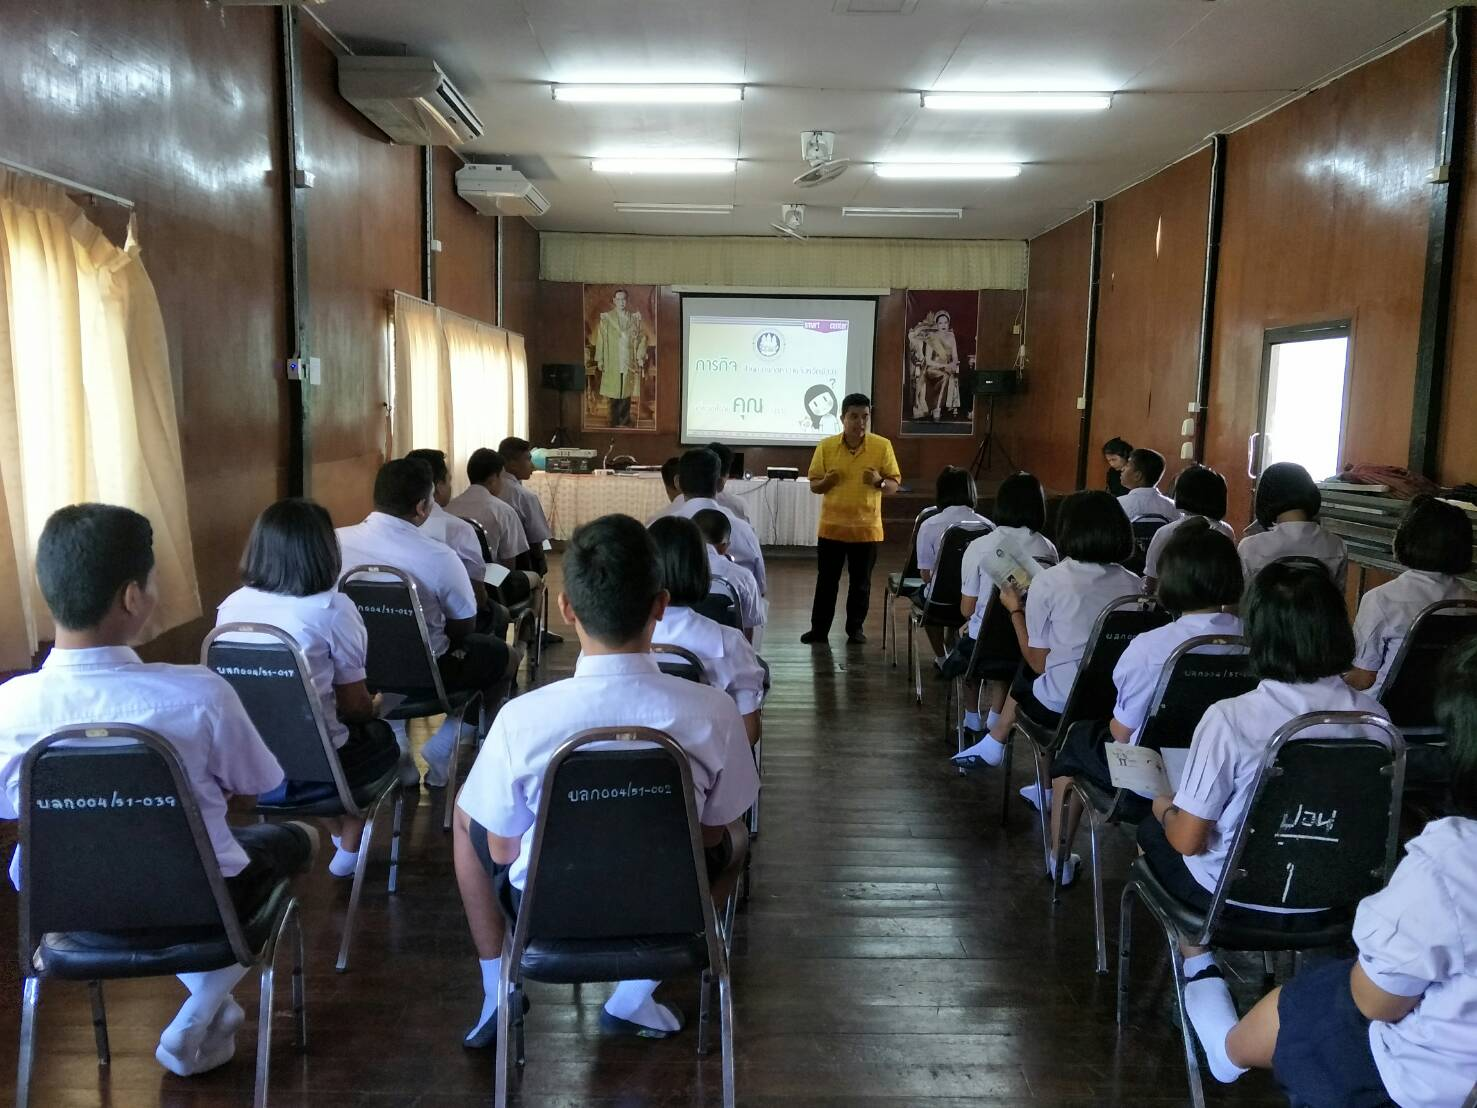 ดำเนินงานโครงการแนะแนวอาชีพ นักเรียน นักศึกษา จังหวัดพังงา ณ โรงเรียนบ้านลำแก่น